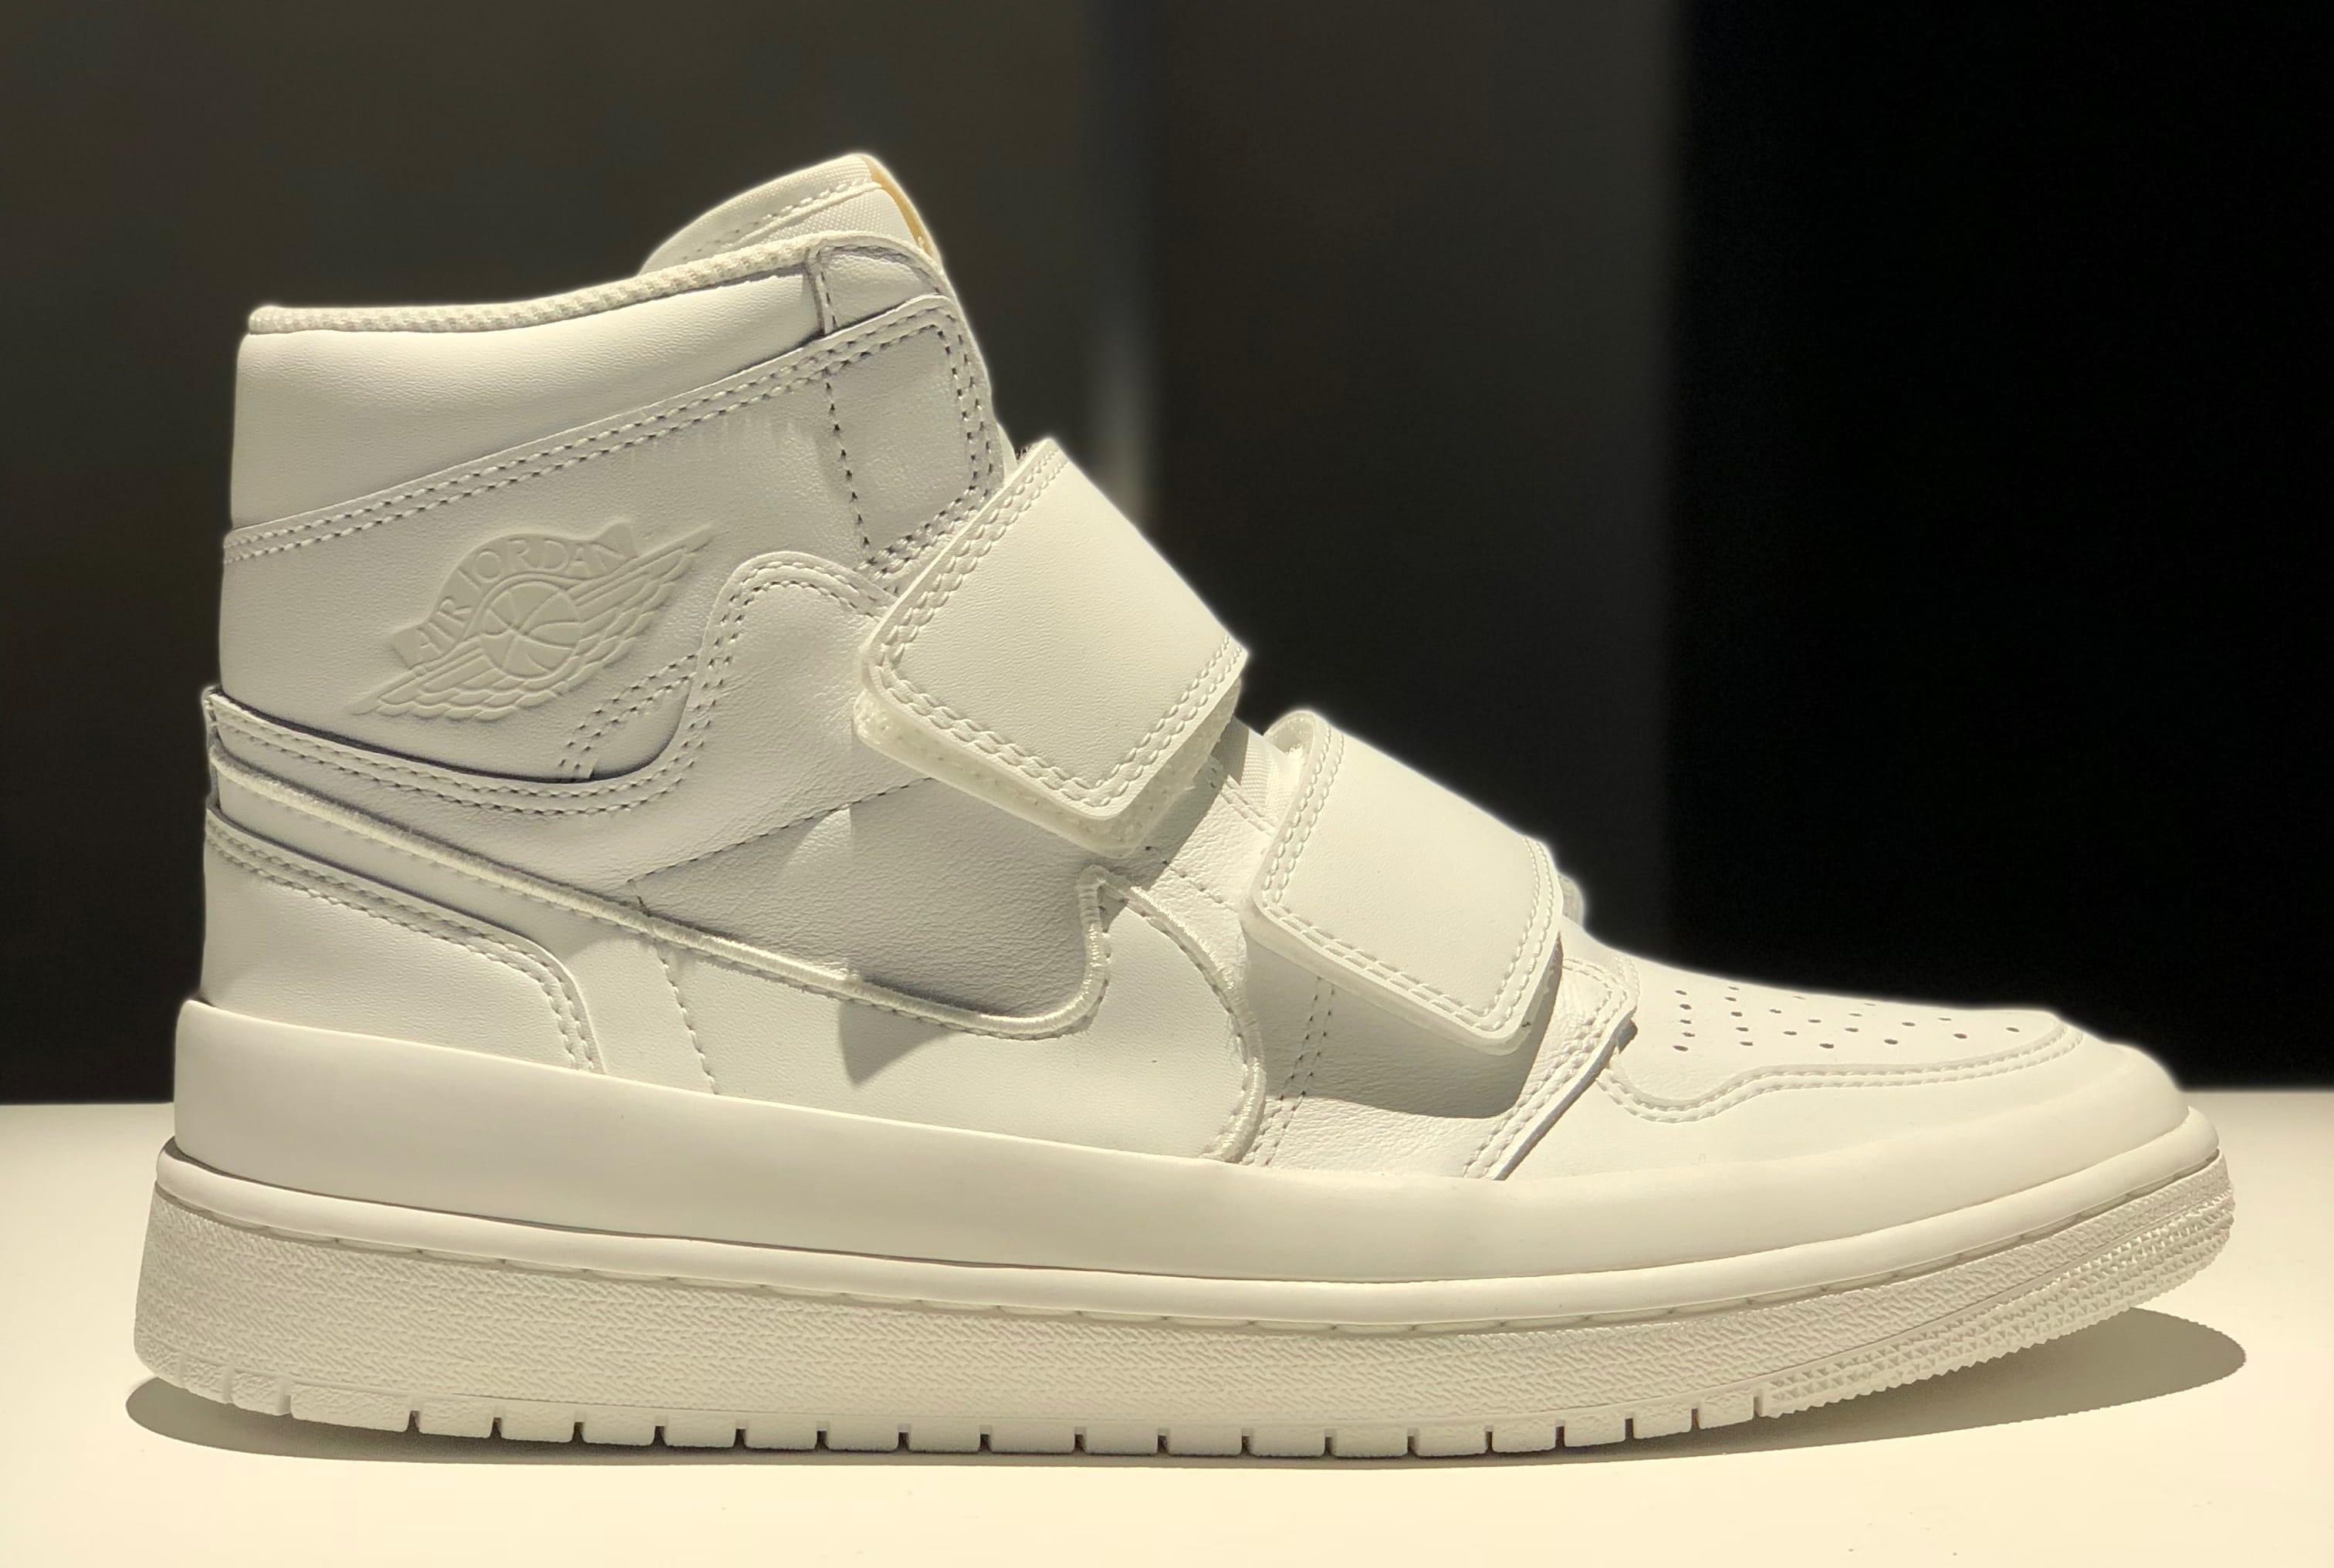 Air Jordan 1 High Velcro Men's White